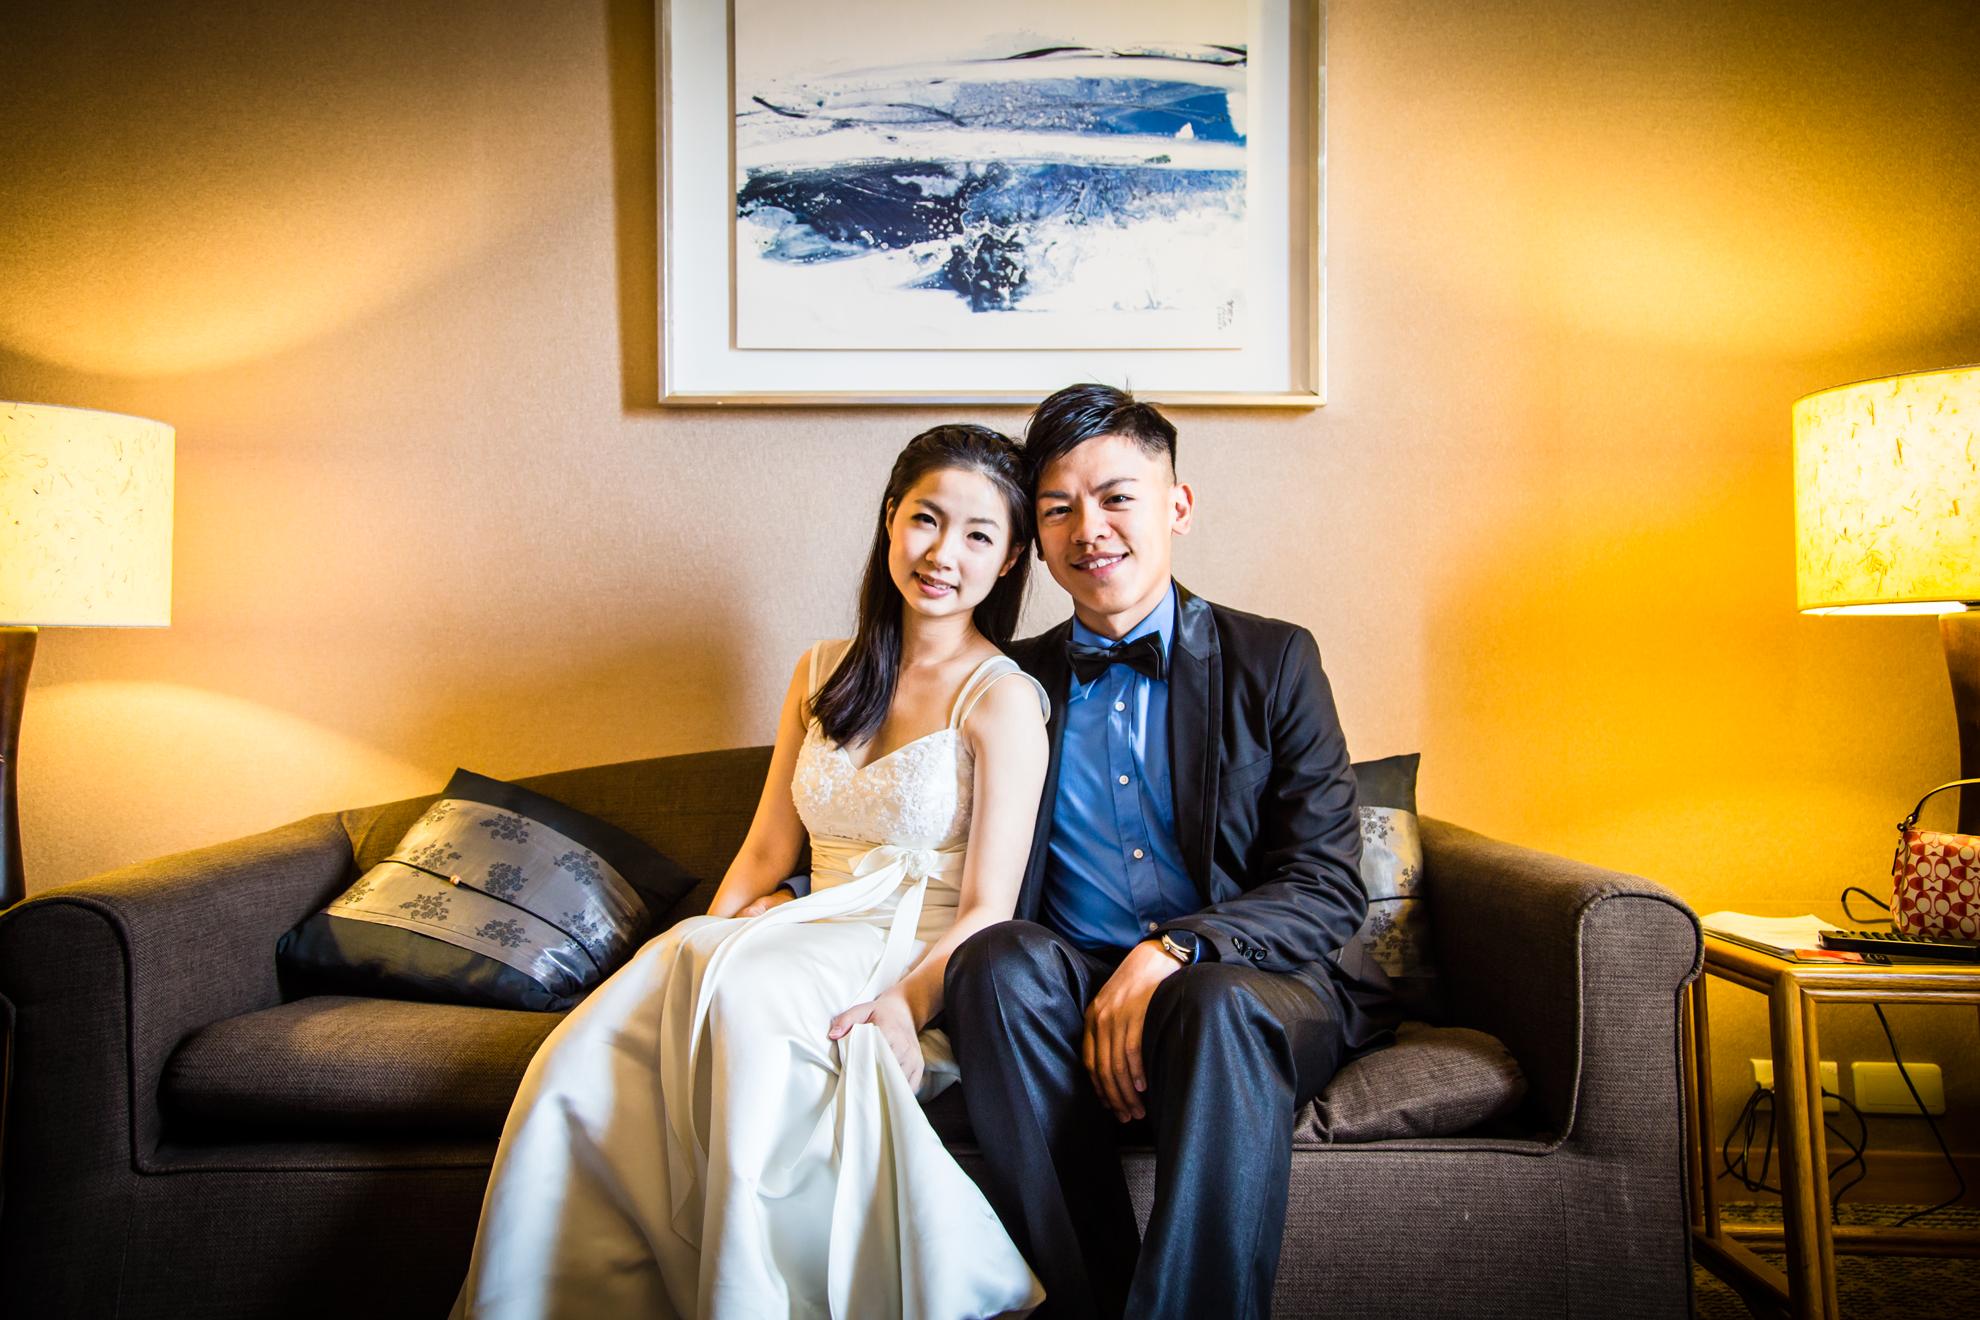 CUBY-台北凱撒大飯店-伴郎伴娘-婚攝CUBY